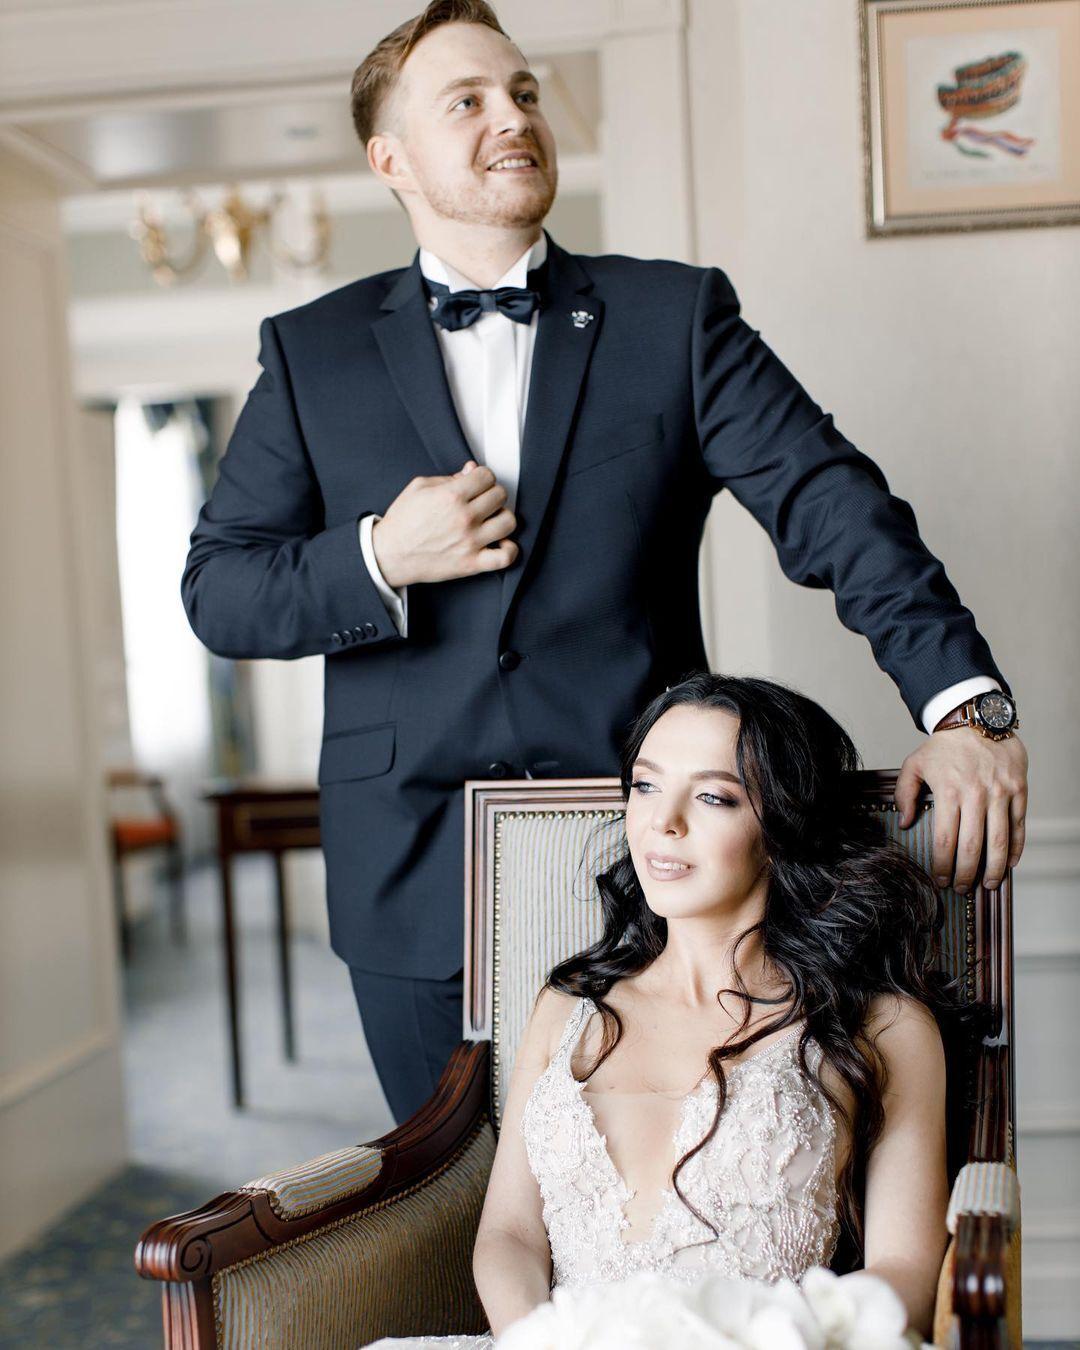 Соня Кей трогательно поздравила мужа с годовщиной свадьбы